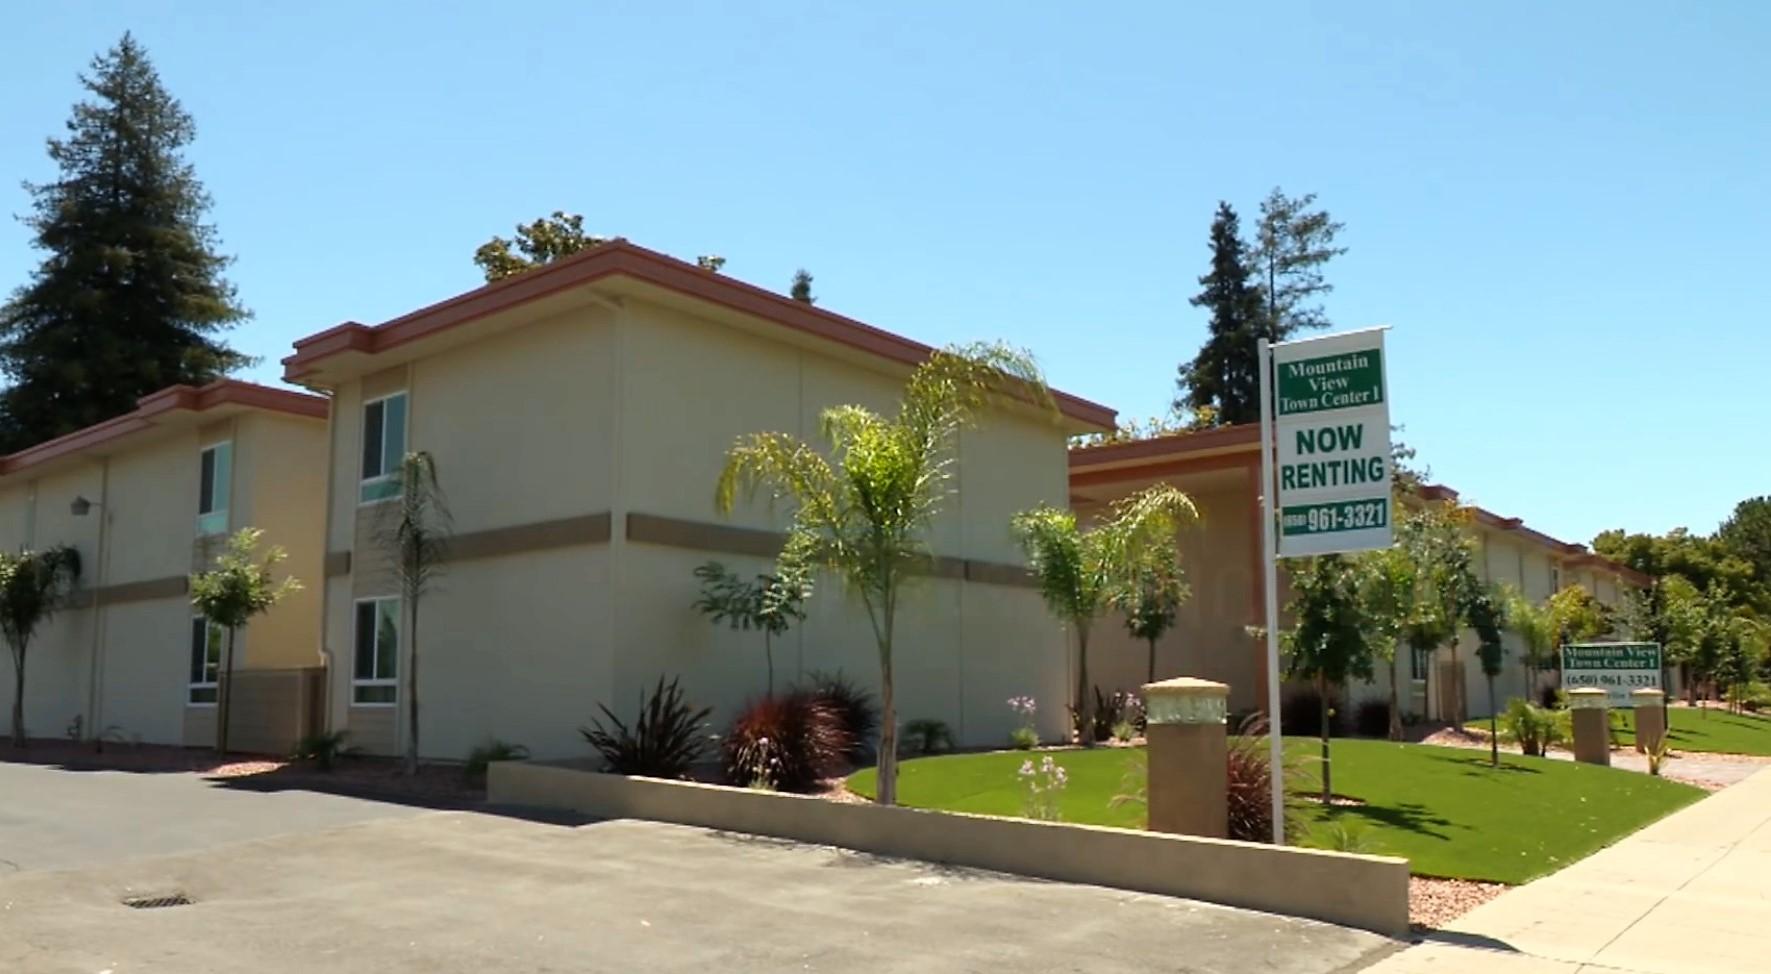 矽谷山景市一處出租公寓,一房一廳、居住空間600平方英尺,月租2590元。(特派員許惠敏/攝影)